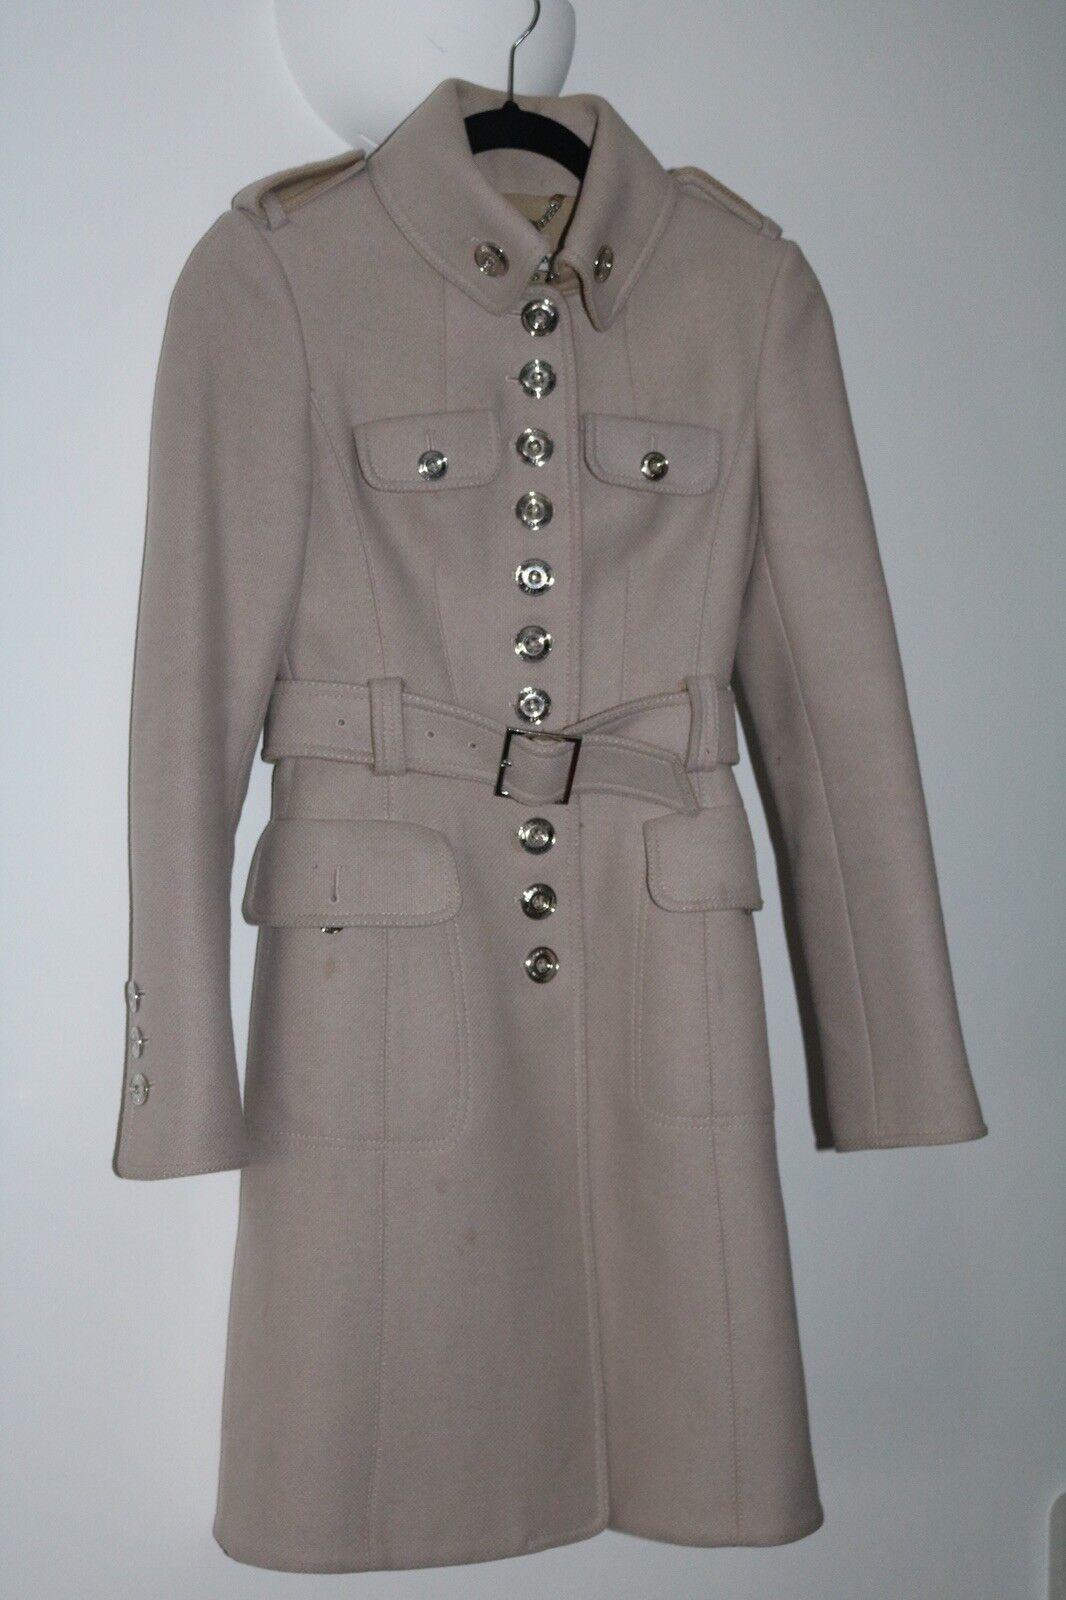 The Most Elegant Karen Millen Wool Coat size 6.